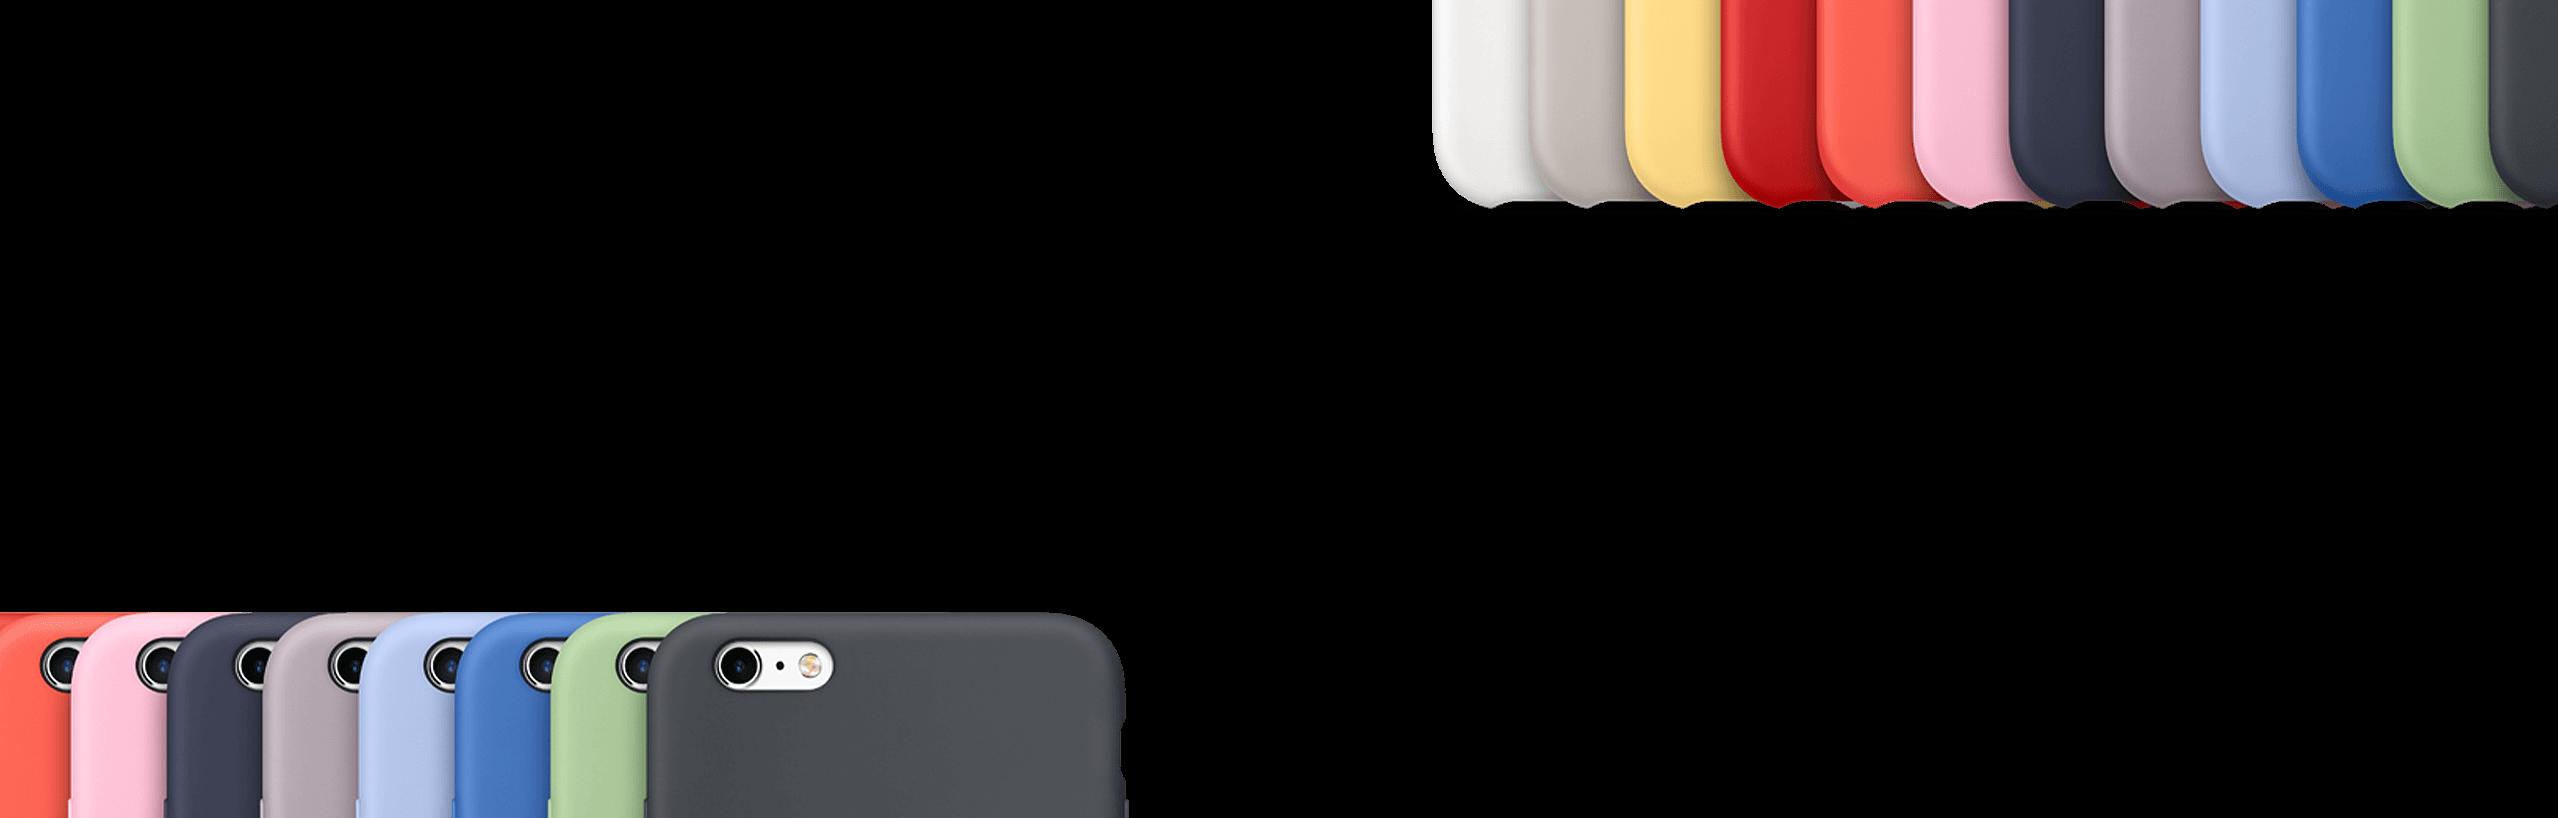 אביזרים ל- iPhone